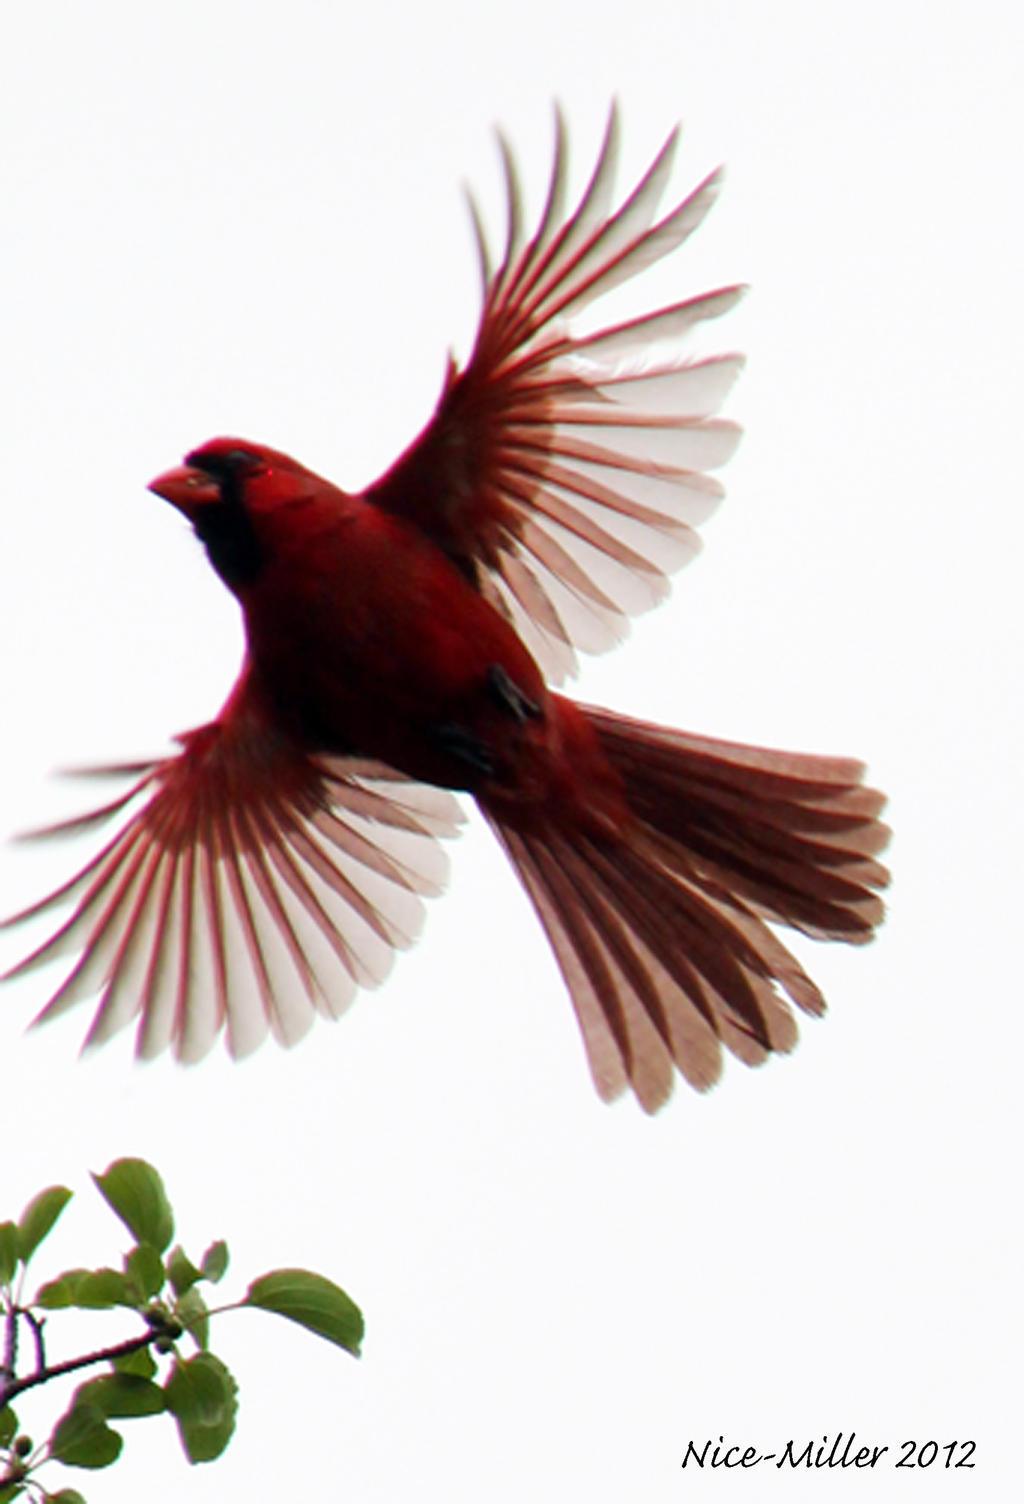 Cardinal in flight by agtspooky on DeviantArt